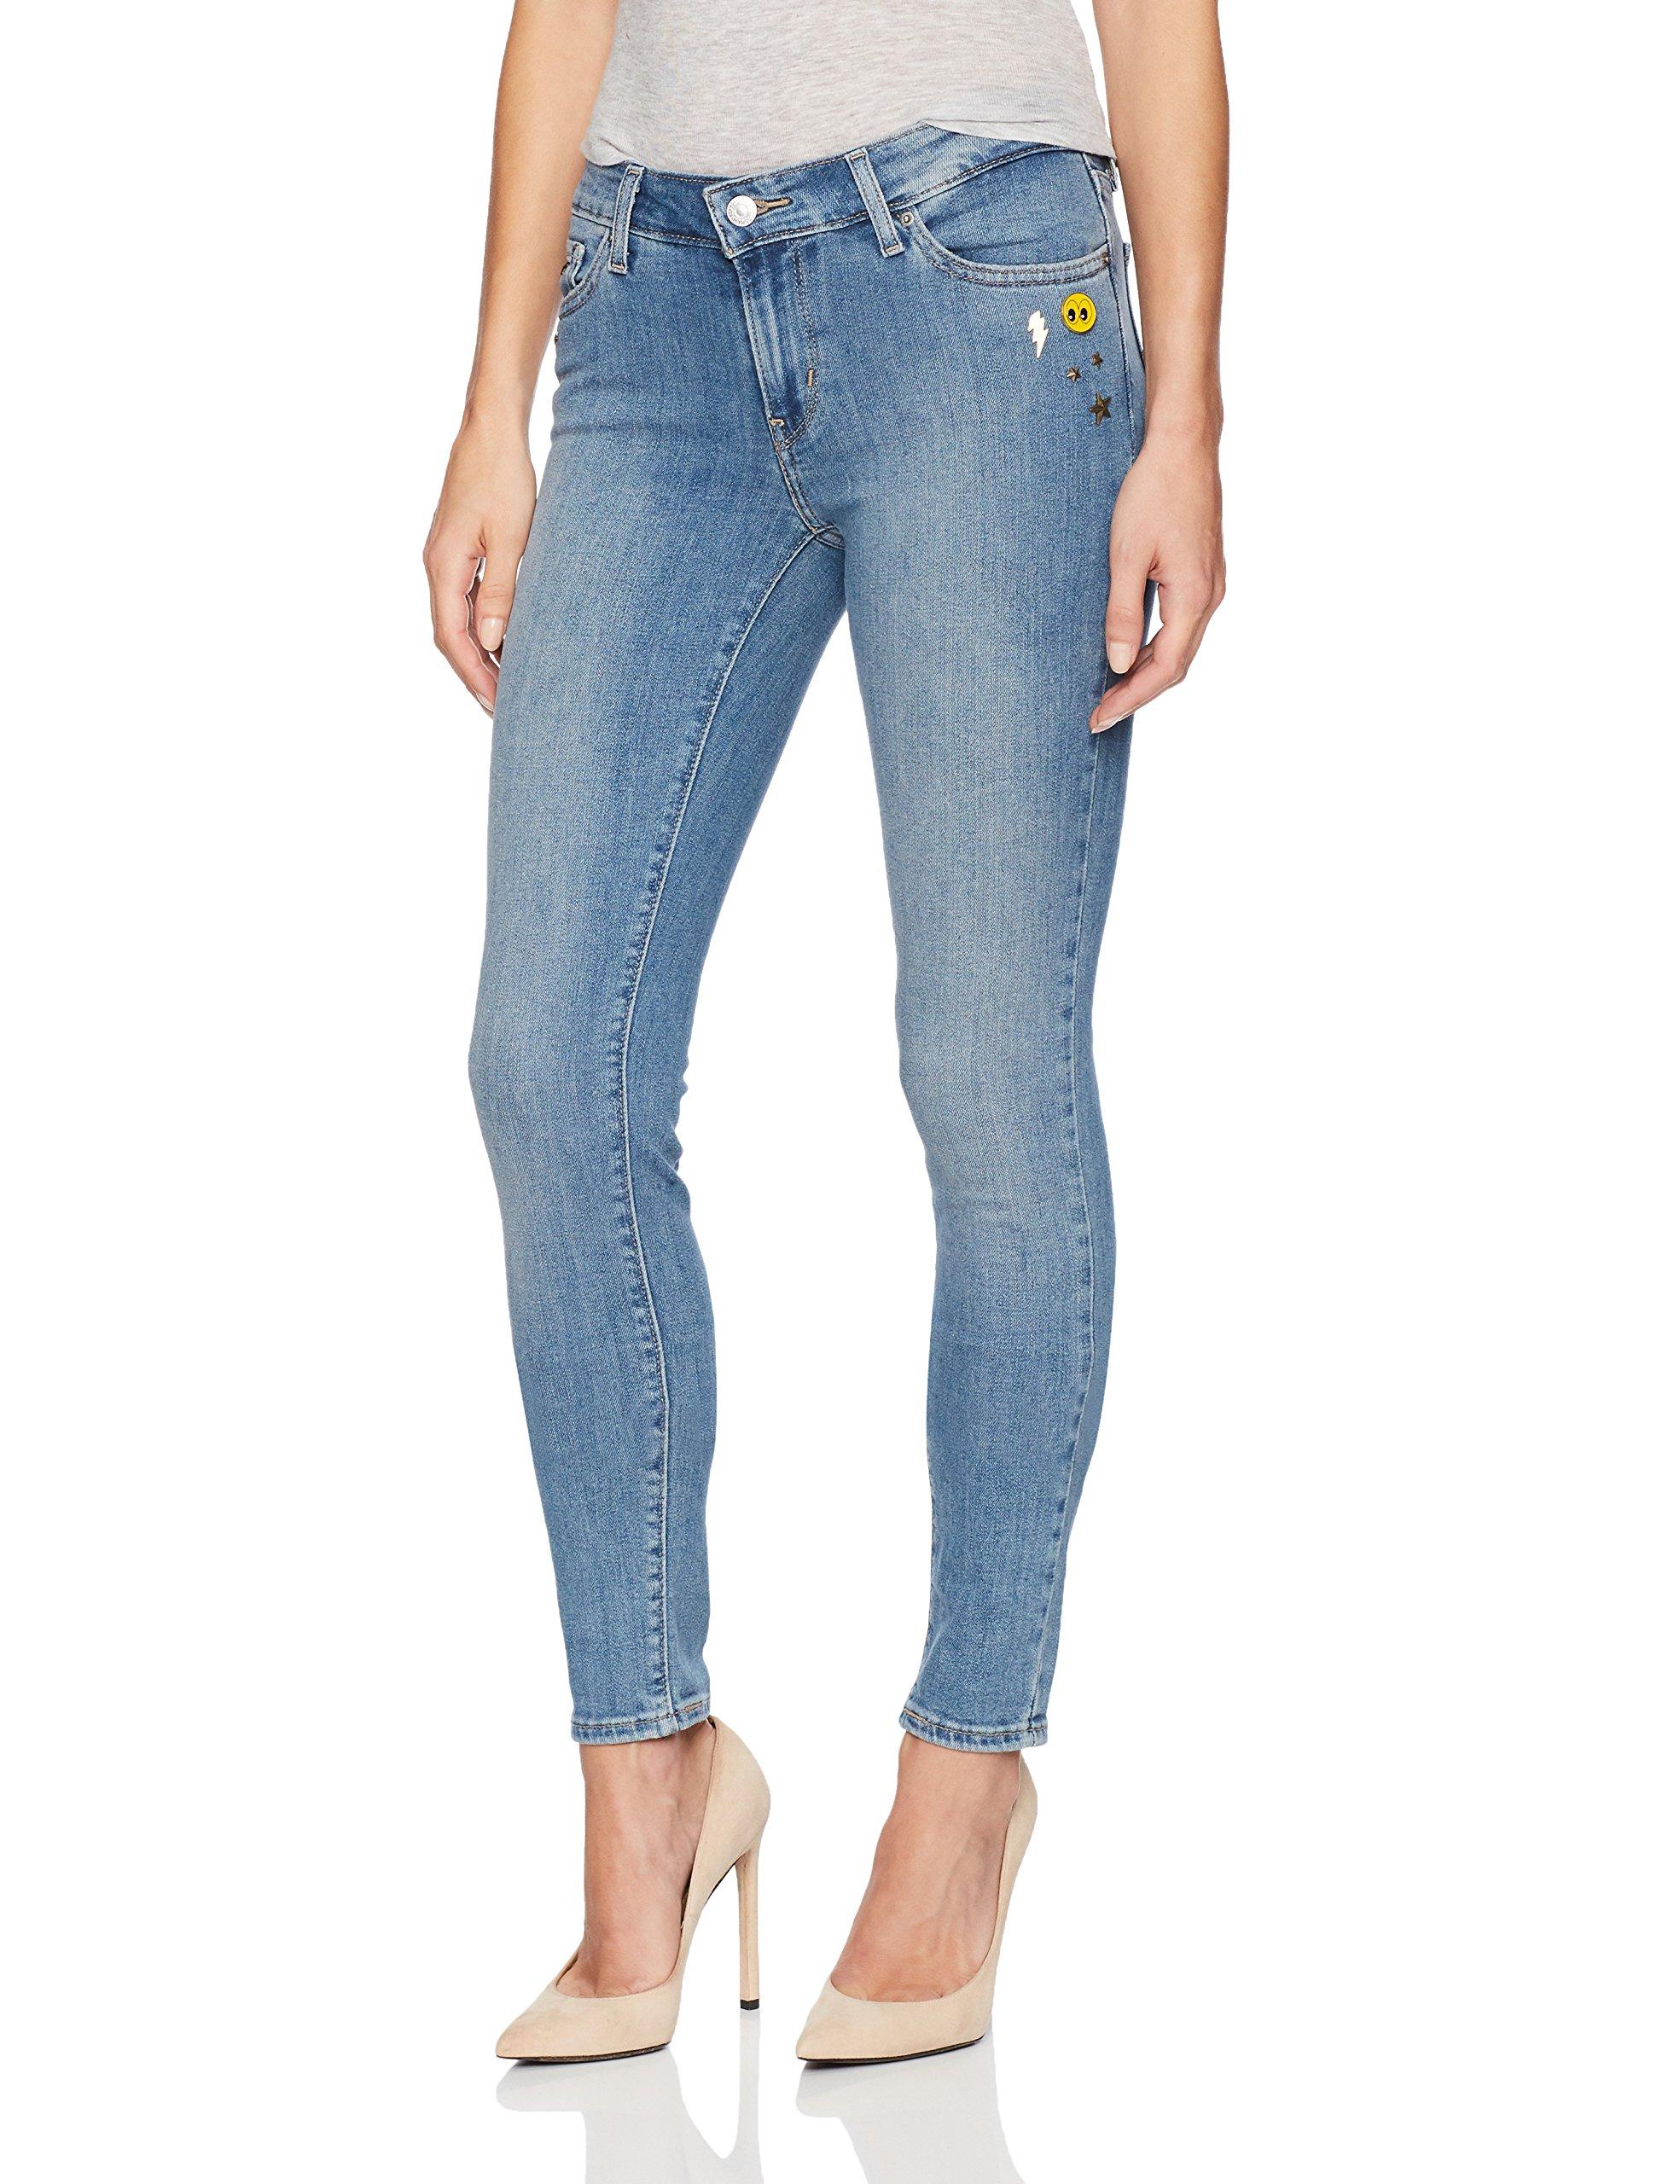 Levi's Women's 711 Skinny Jean (26 x 32L, Cheap Thrill)